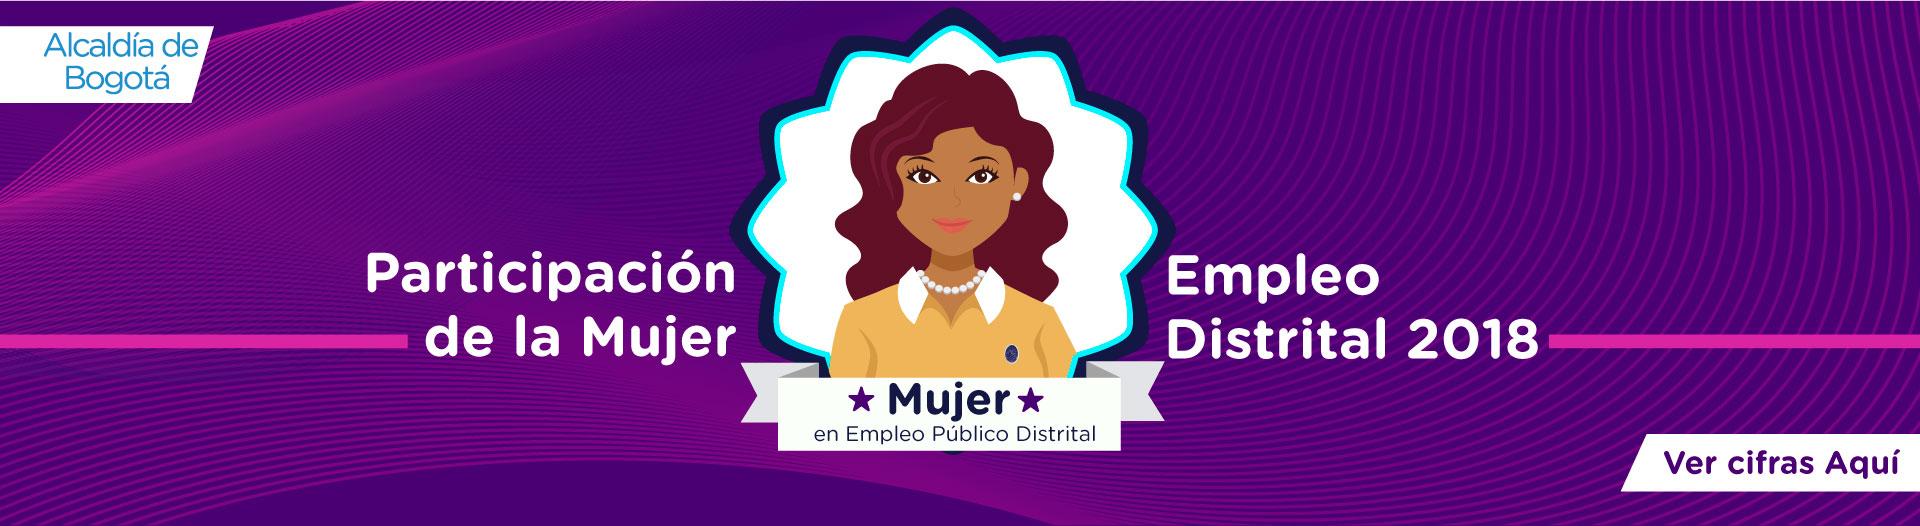 Participación de la mujer en el Empleo Distrital